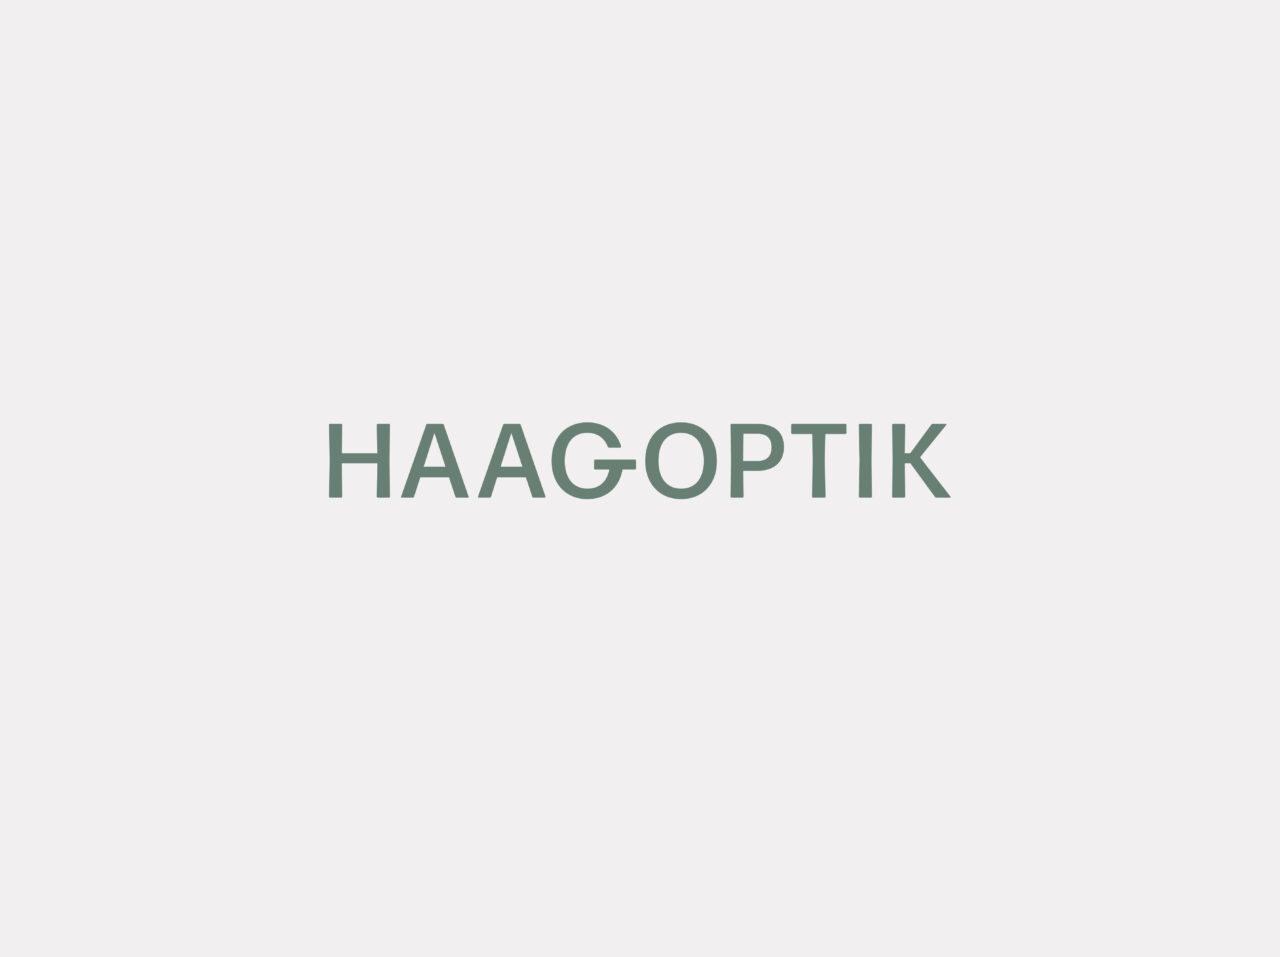 Logo Haag Optik Langnau